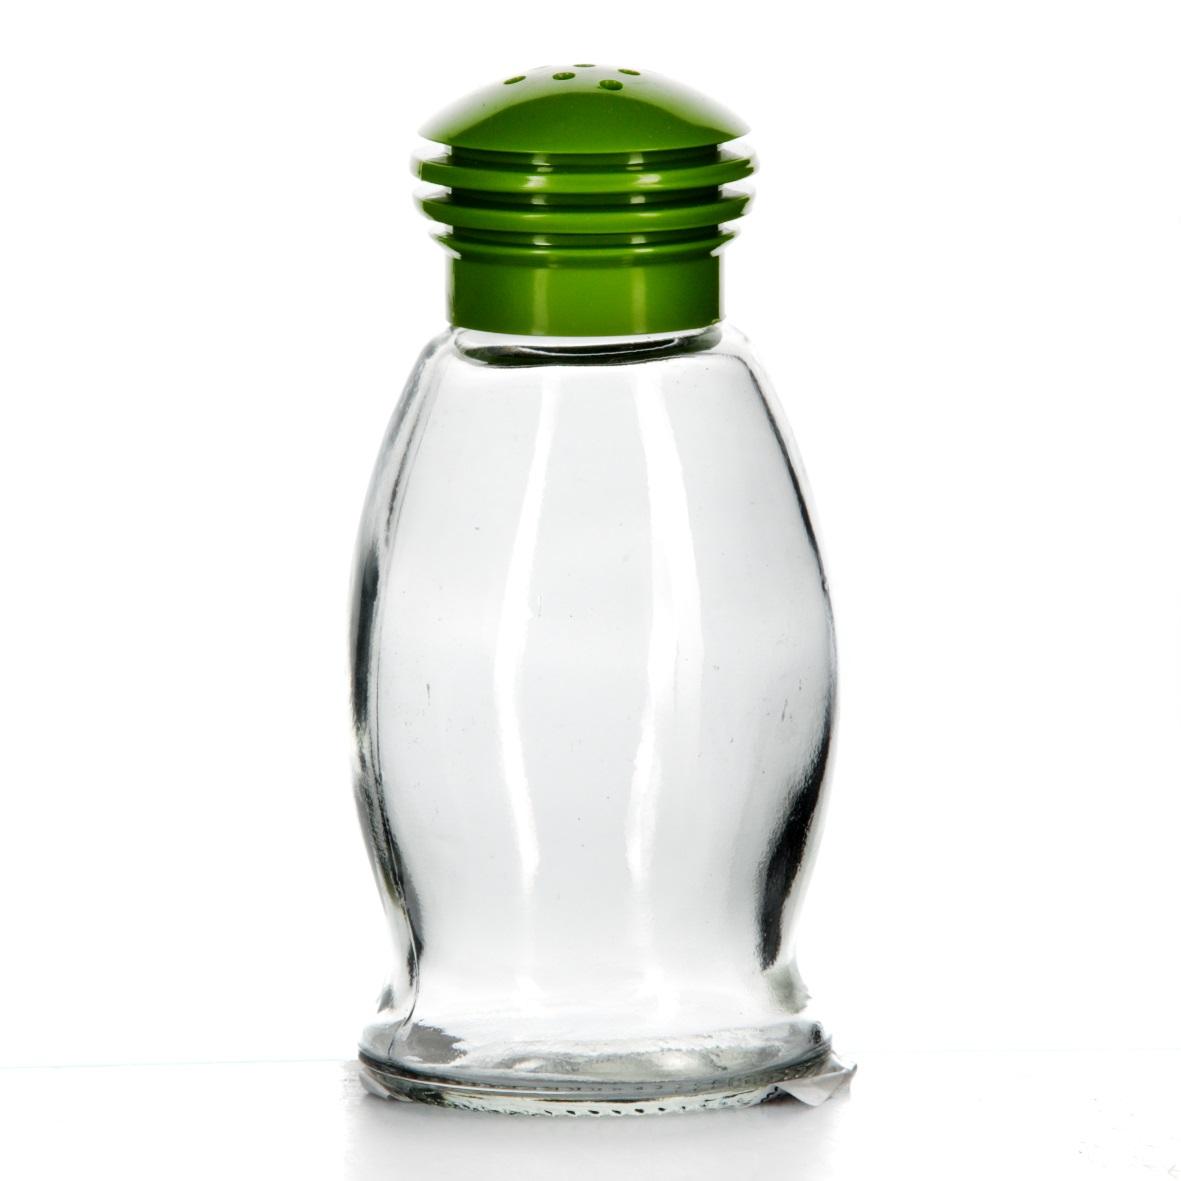 Солонка Herevin, цвет: зеленый, 85 мл. 121091-000121091-000Солонка Herevin выполнена из прозрачного стекла и оснащена пластиковой цветной крышкой с отверстиями, благодаря которым, вы сможете посолить блюда, просто перевернув банку. Крышка легко откручивается, благодаря чему засыпать соль внутрь очень просто. Такая солонка станет достойным дополнением к вашему кухонному инвентарю. Можно мыть в посудомоечной машине.Объем: 85 мл.Диаметр (по верхнему краю): 2 см.Высота солонки (без учета крышки): 9 см.